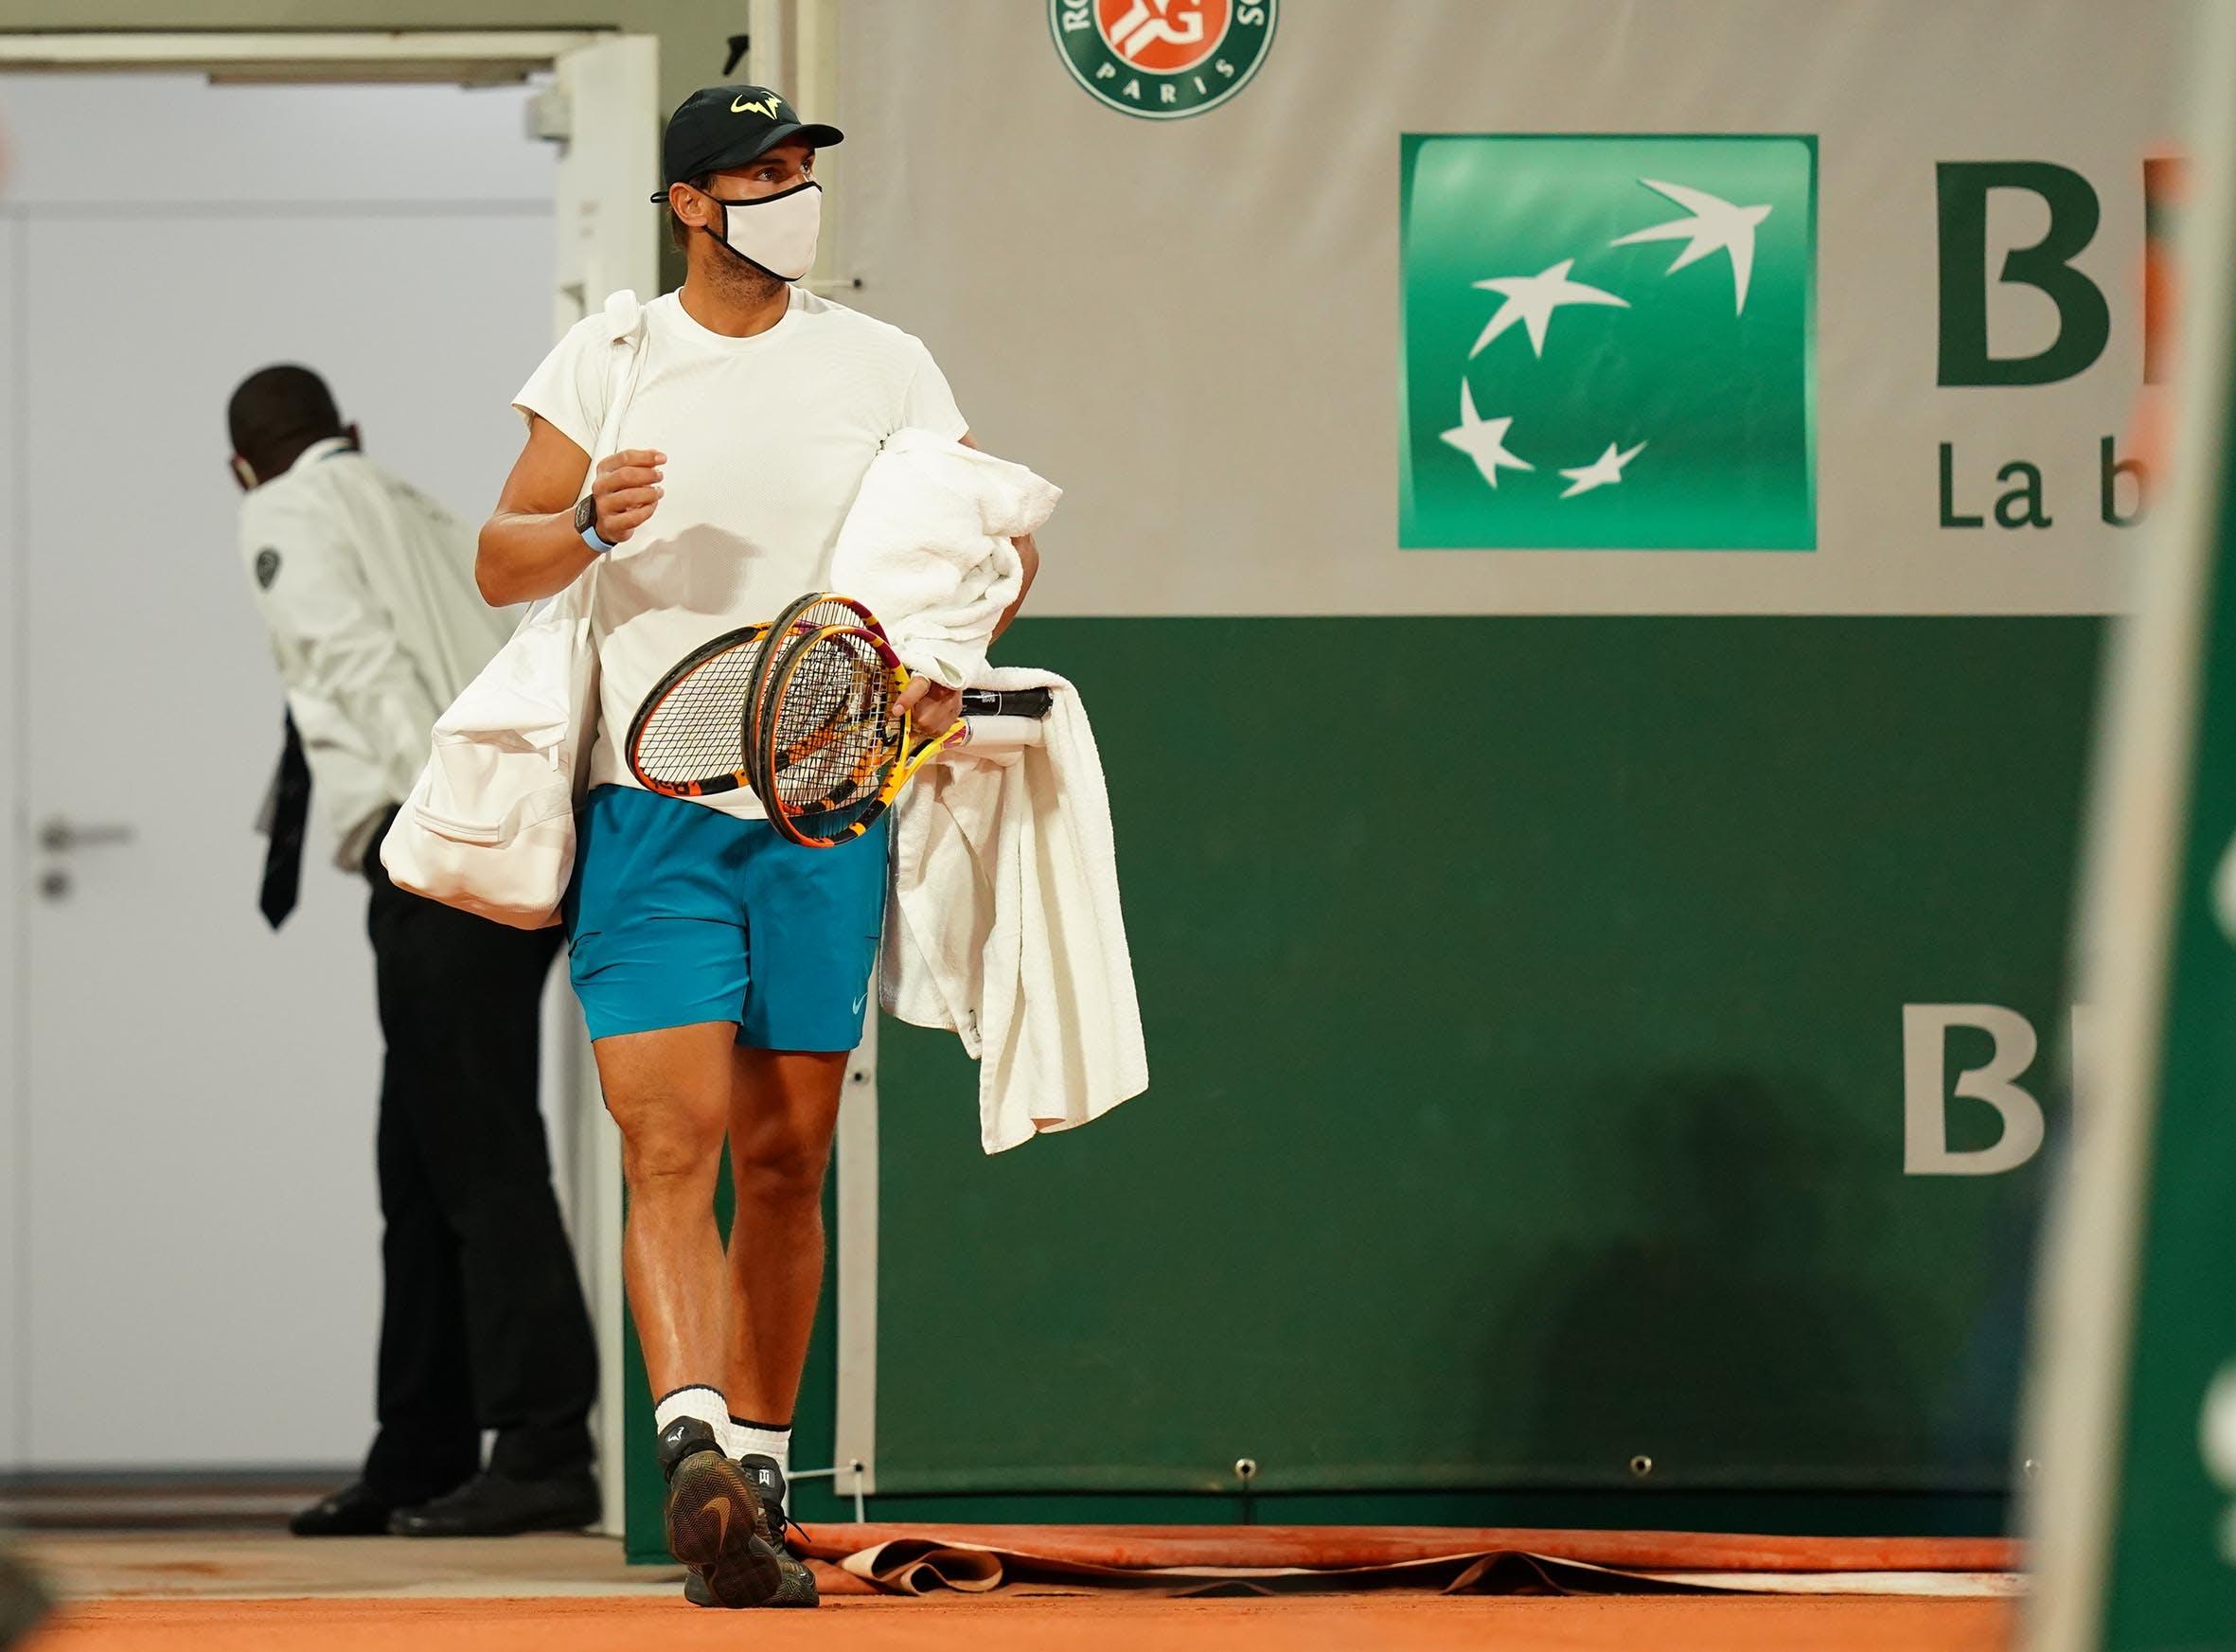 Rafael Nadal first day Roland-Garros 2020